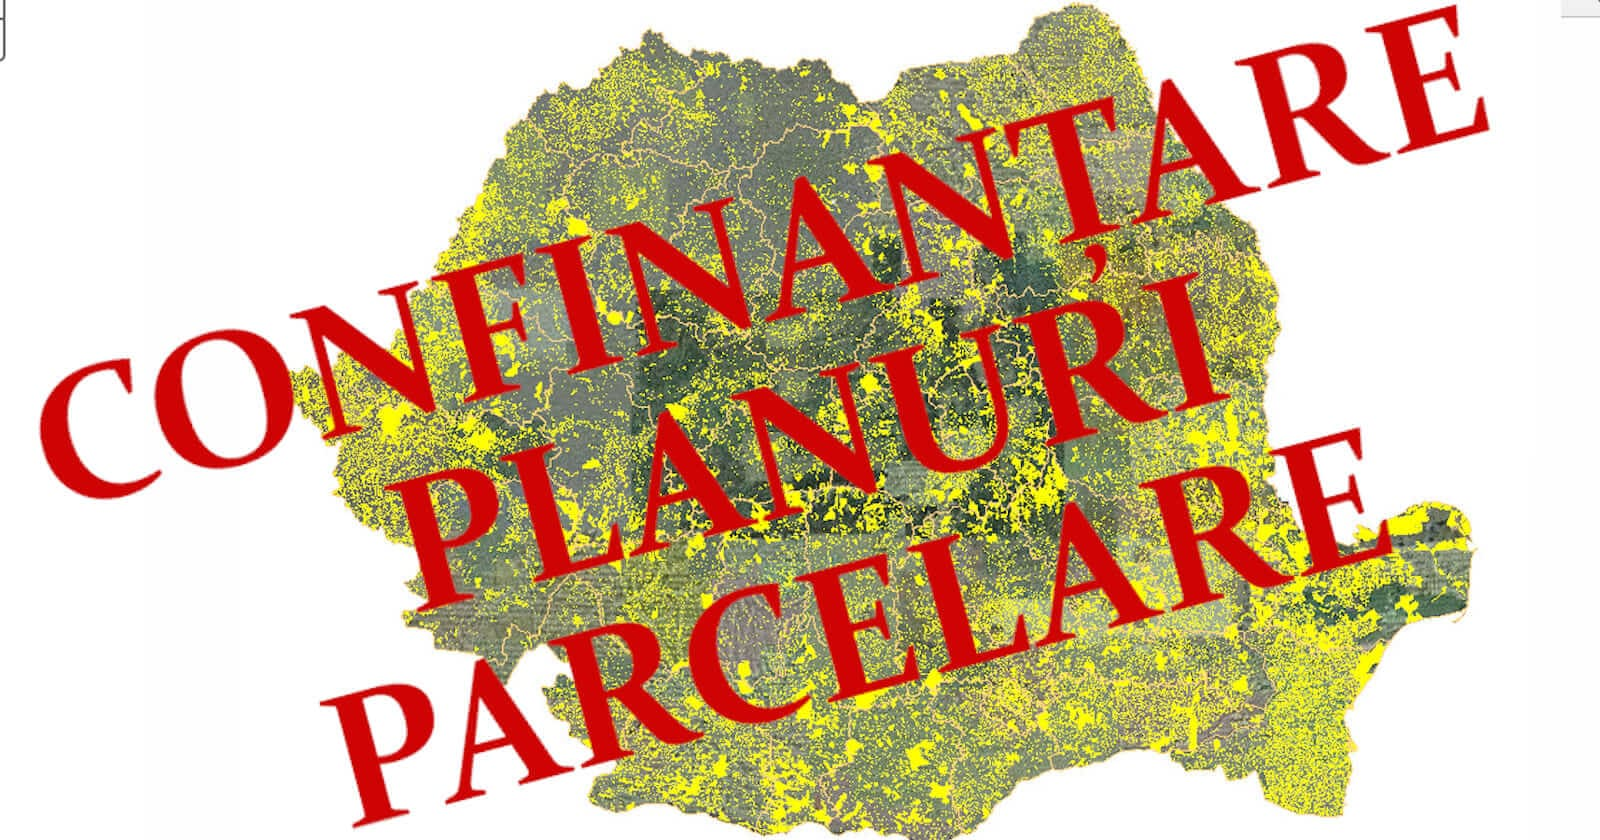 https://ziarul.romania-rationala.ro/control/articole/articole/cofinantare.jpg